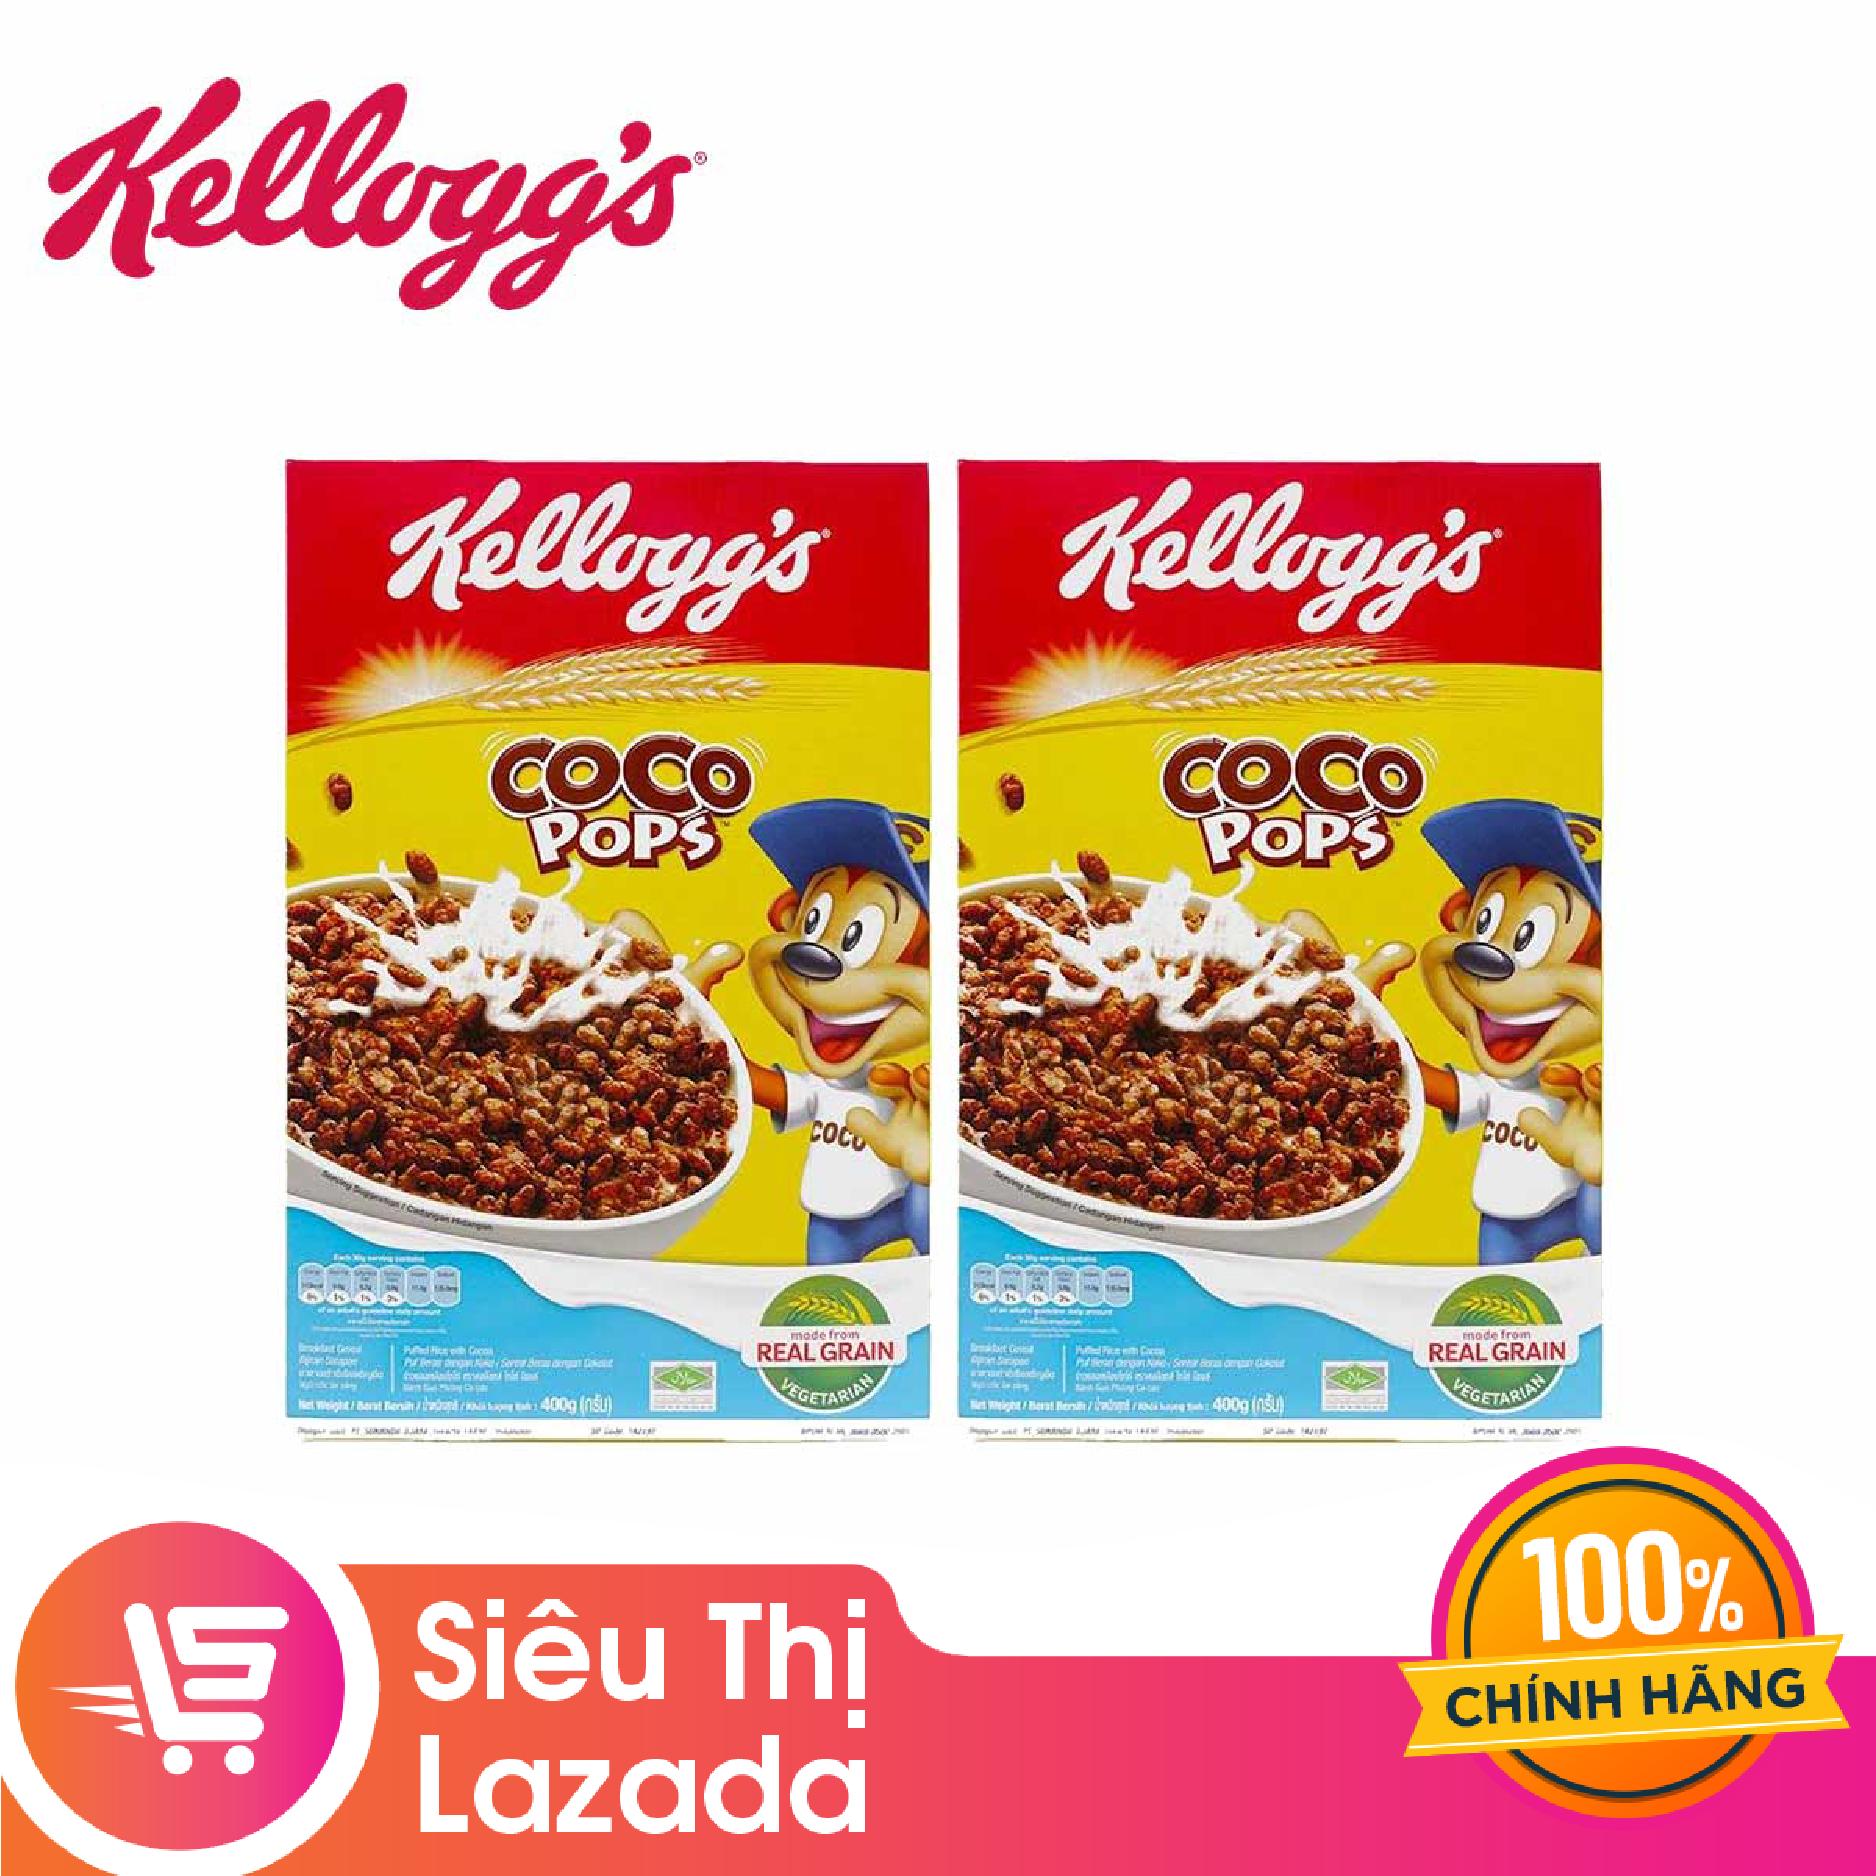 [Siêu thị Lazada] Combo 2 Hộp Ngũ Cốc Ăn Sáng Kelloggs Coco Pops Sô Cô La 400G (2 hộp x 400g) đảm bảo an toàn vệ sinh thực phẩm